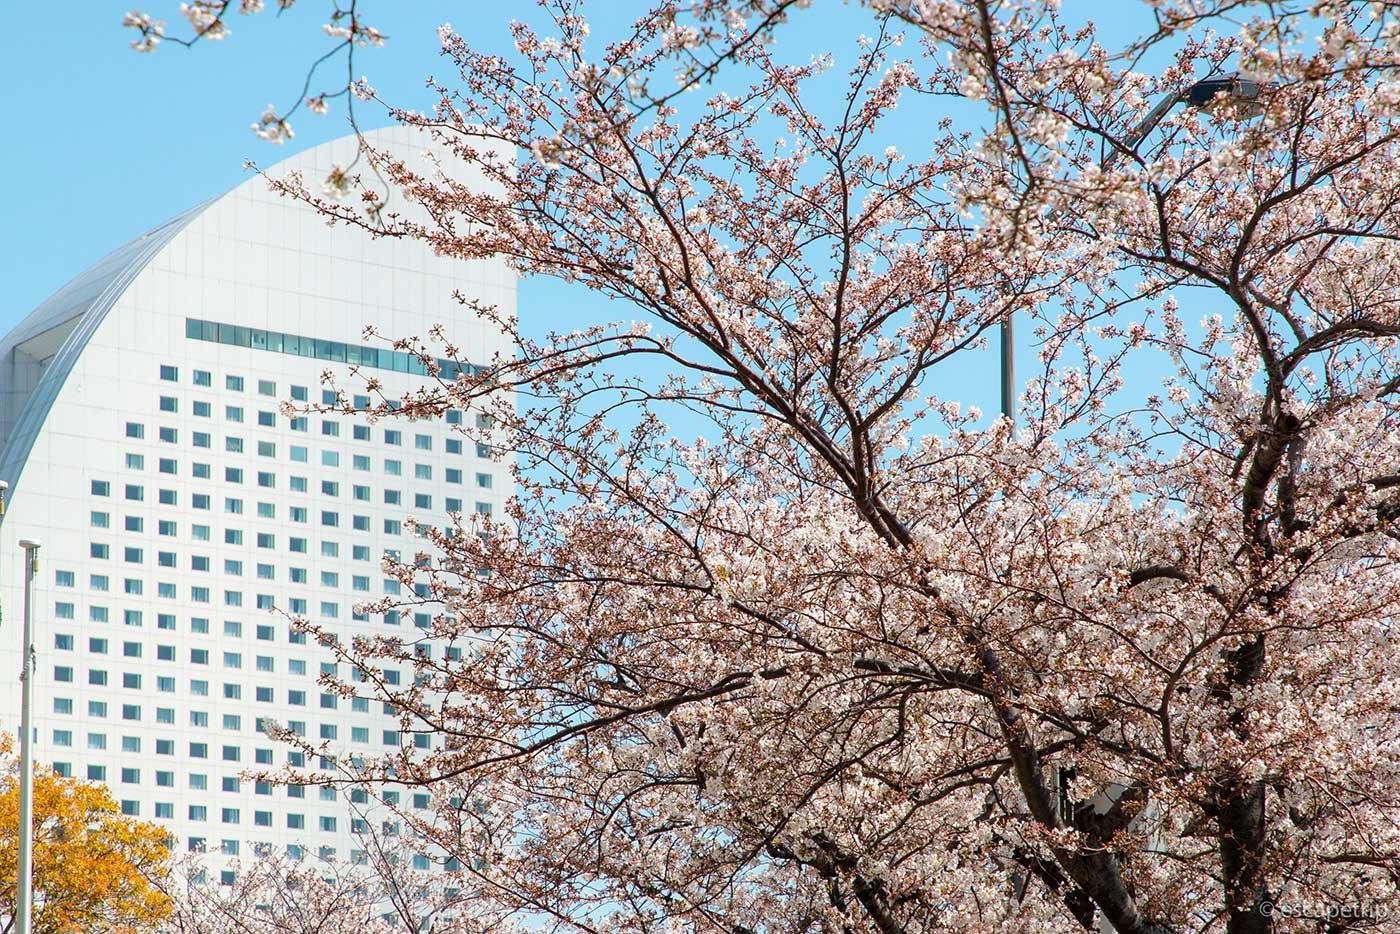 ヨコハマ グランド インターコンチネンタル ホテルと桜